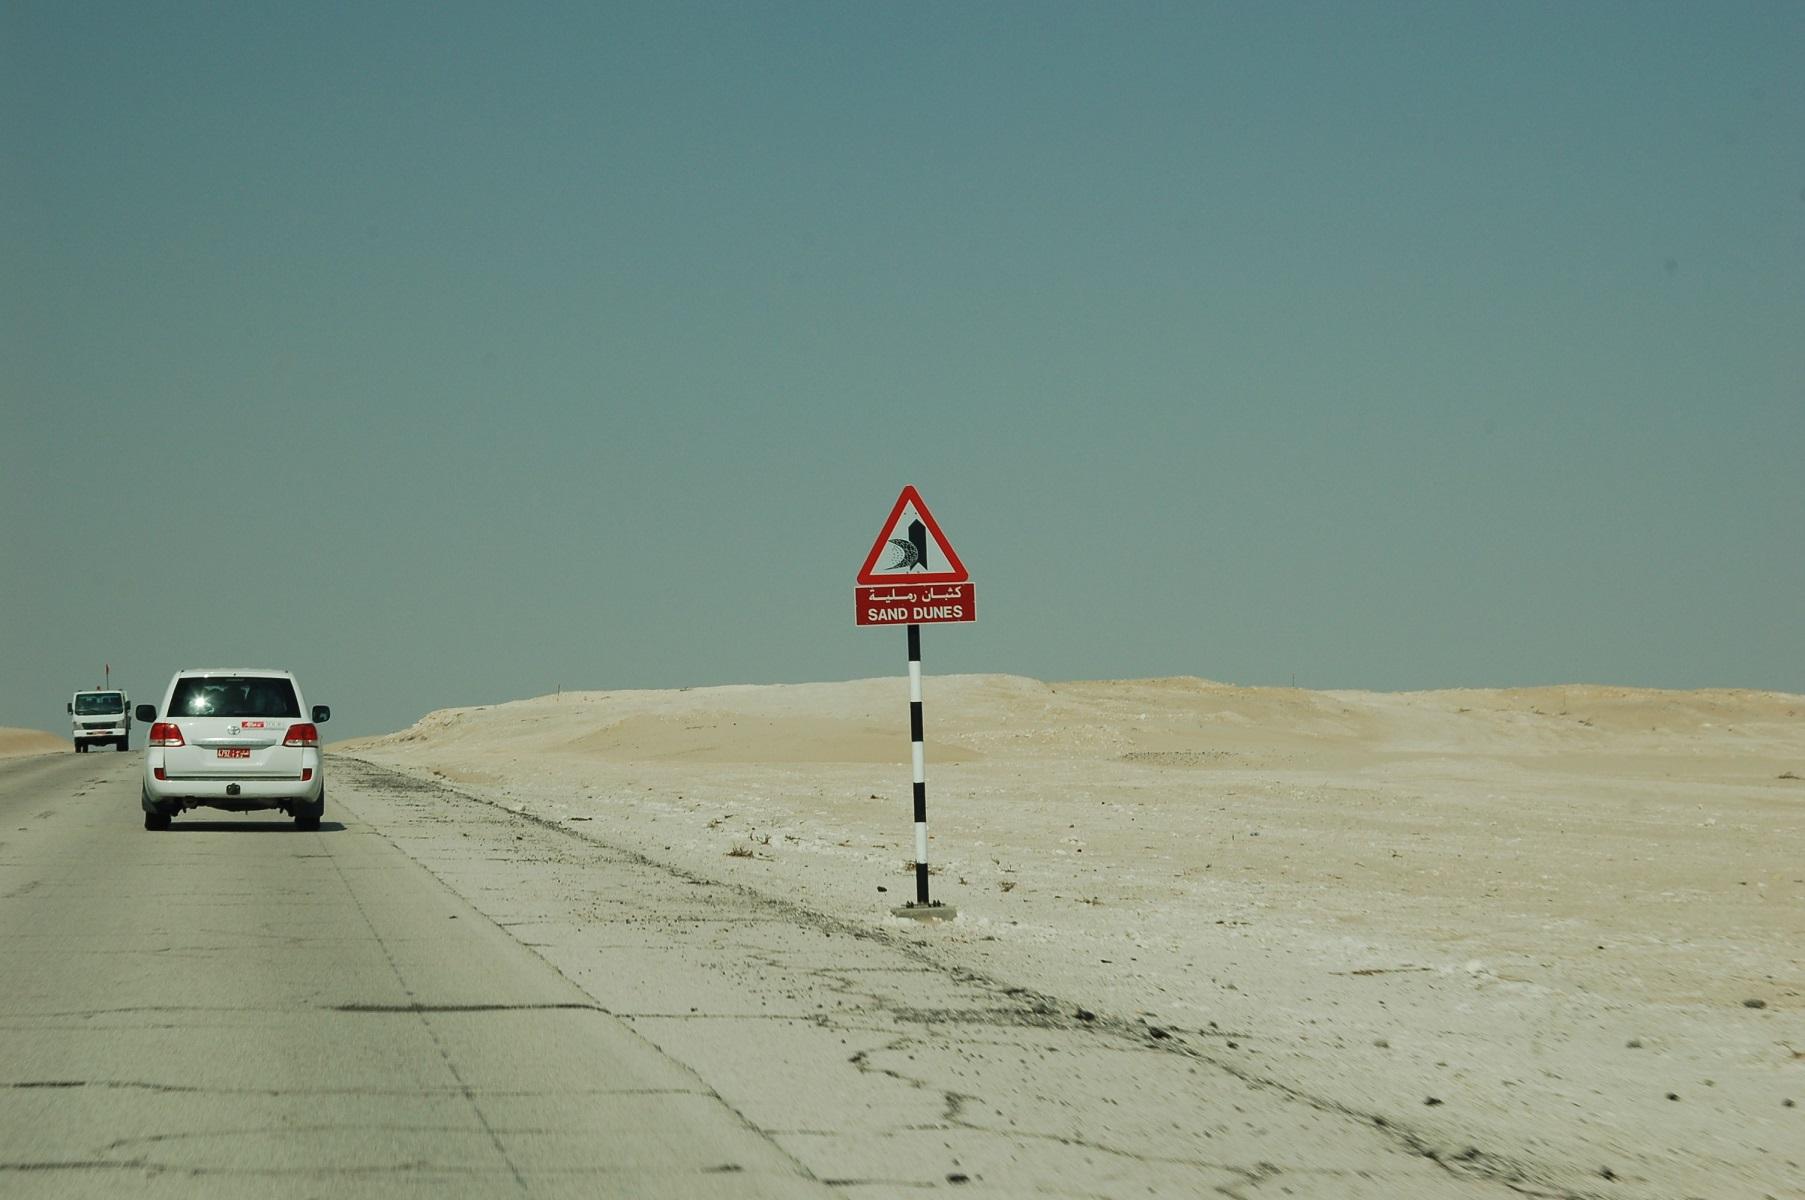 Oman - Gepflegte Straßen und der Klassiker unter den Schildern.